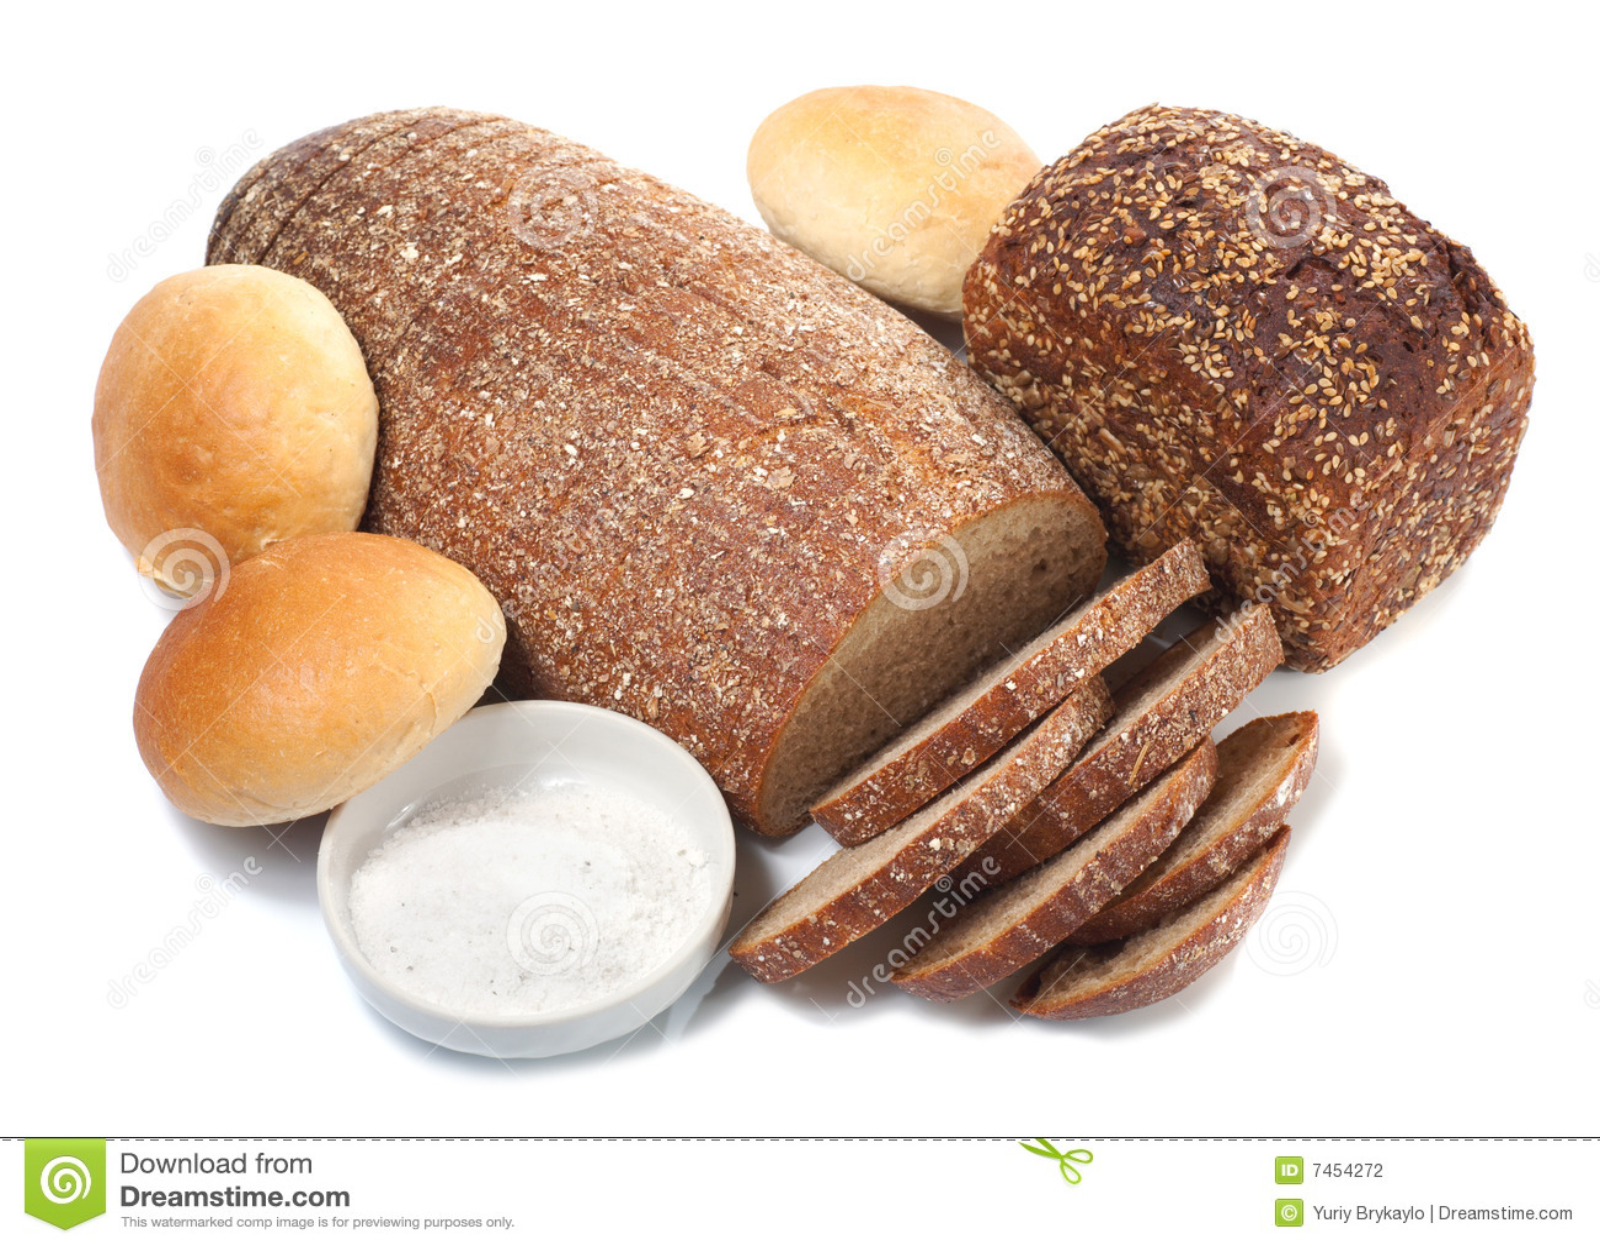 Brot und salz willkommen stockfoto bild von gesund - Brot und salz gott erhalts ...